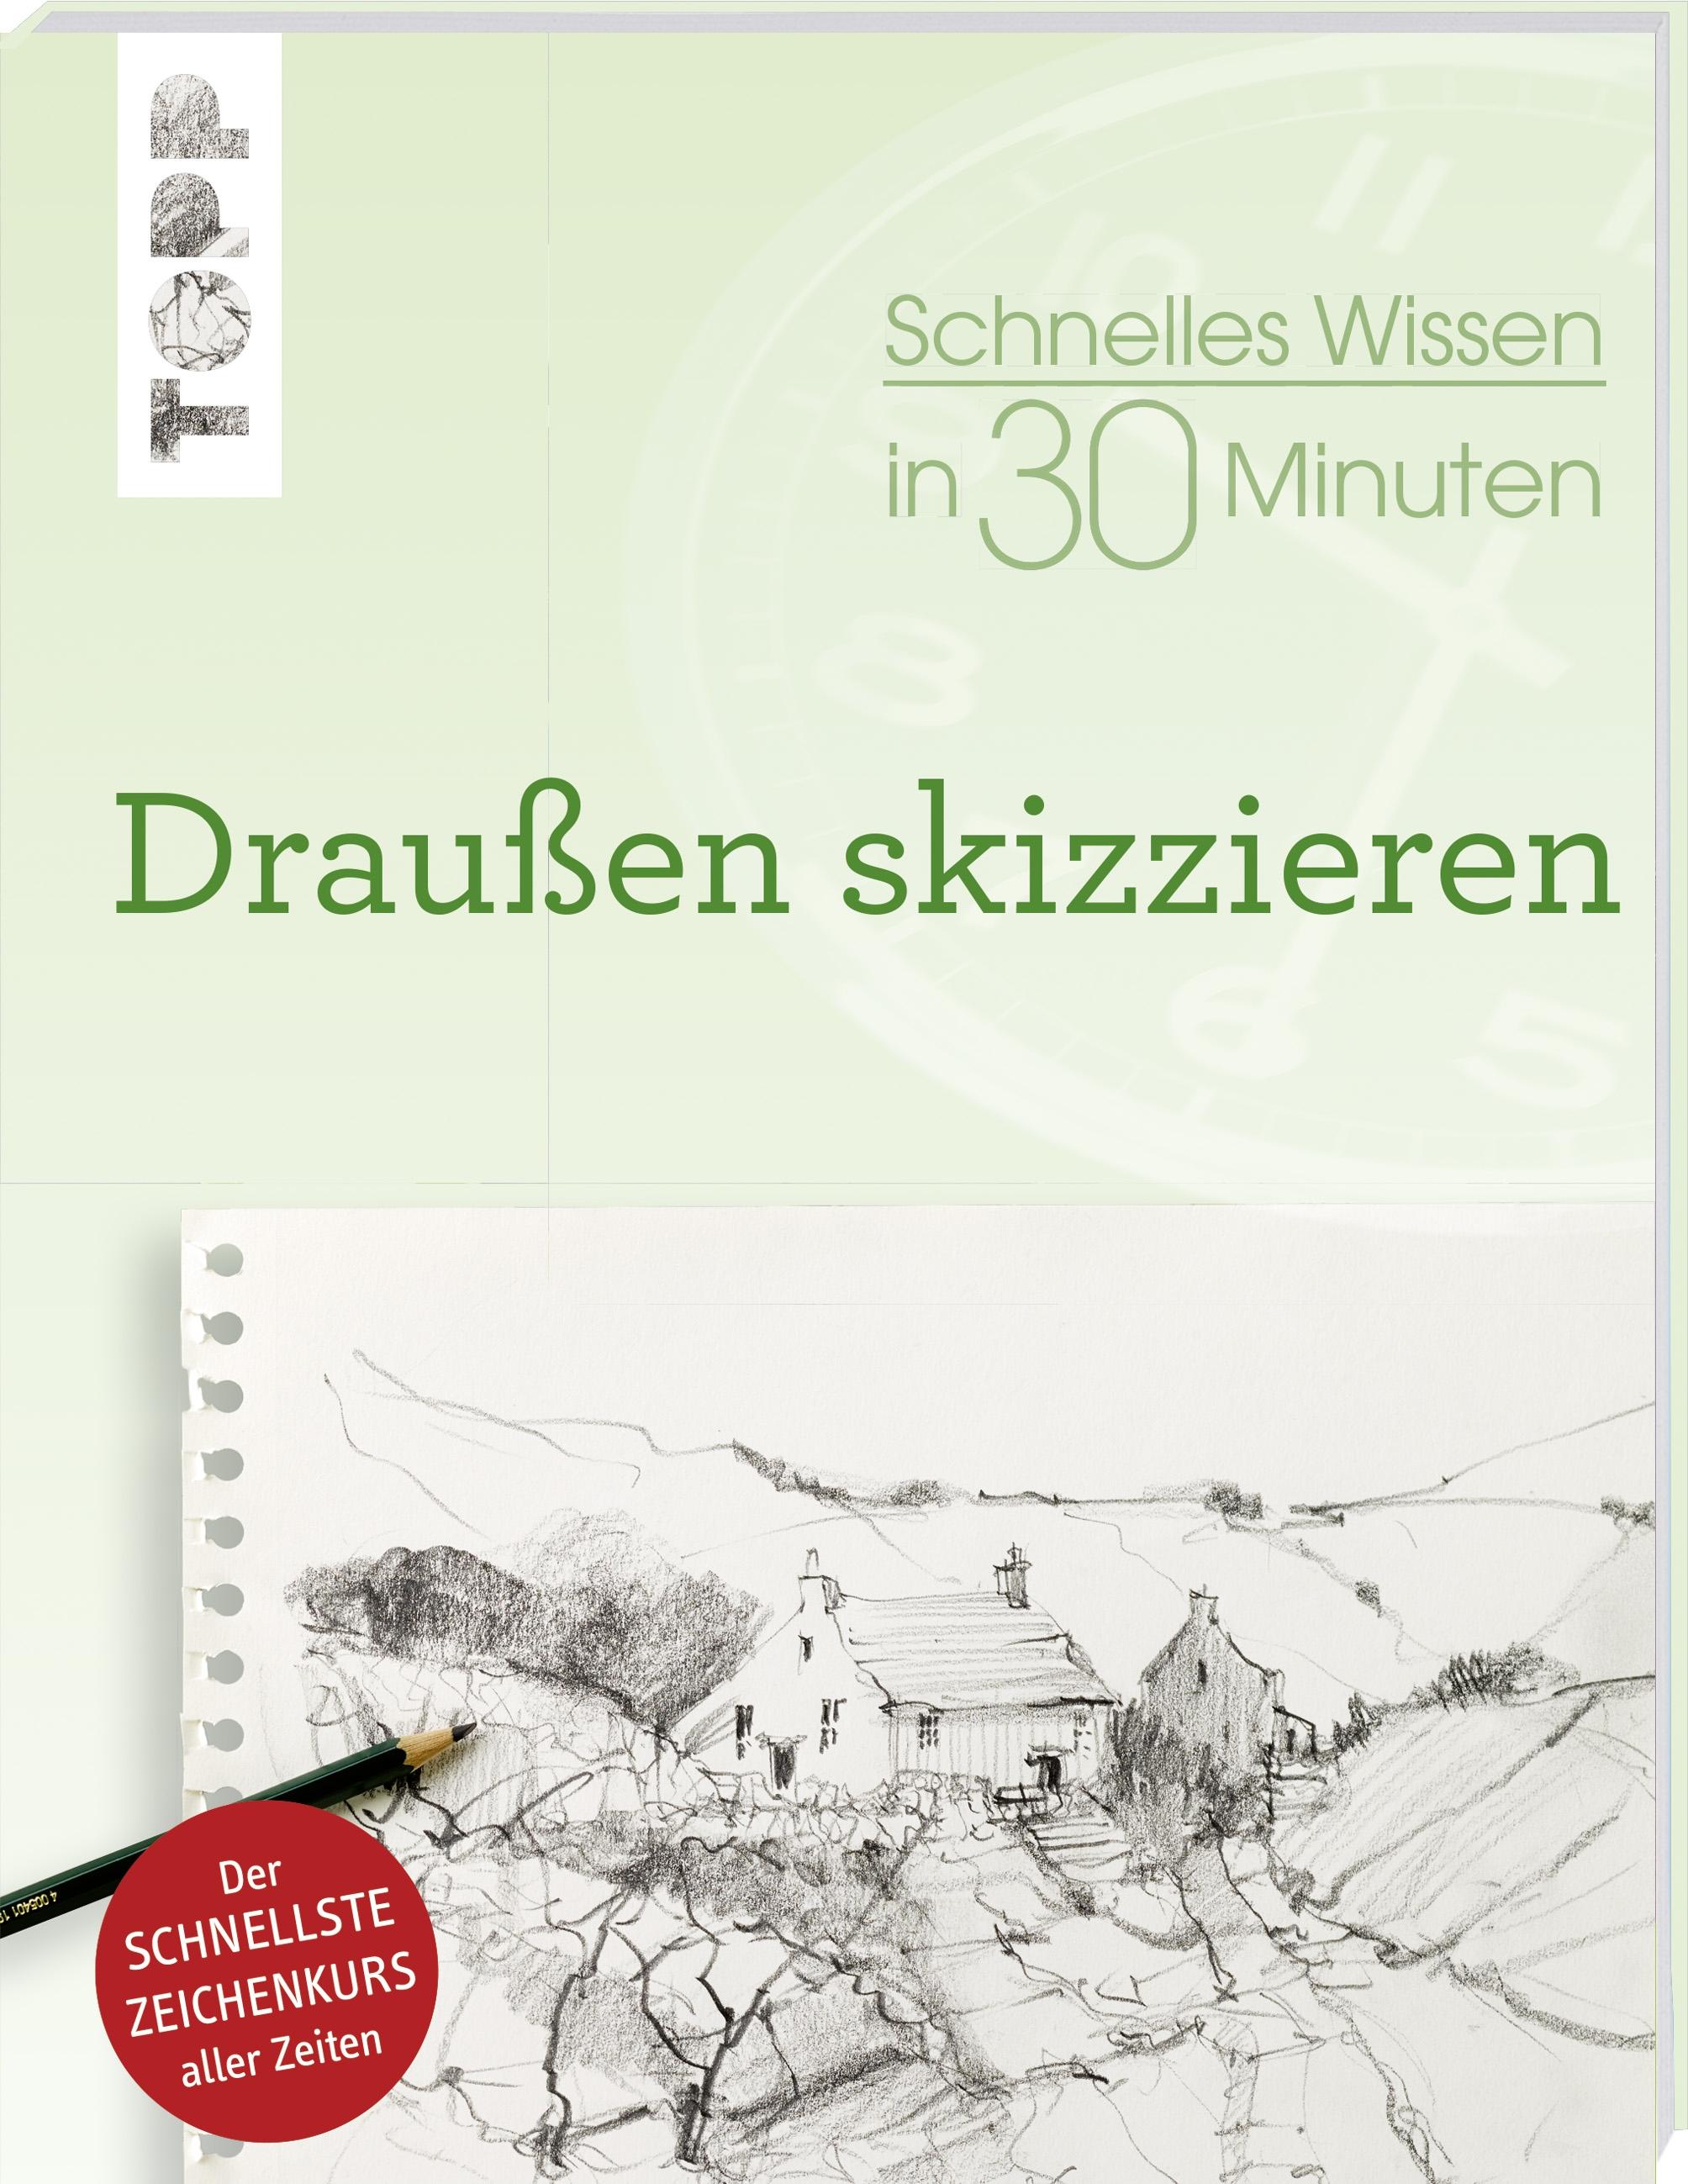 billigermalen | Draussen skizzieren - Bernd Klimmer / Schnelles ...